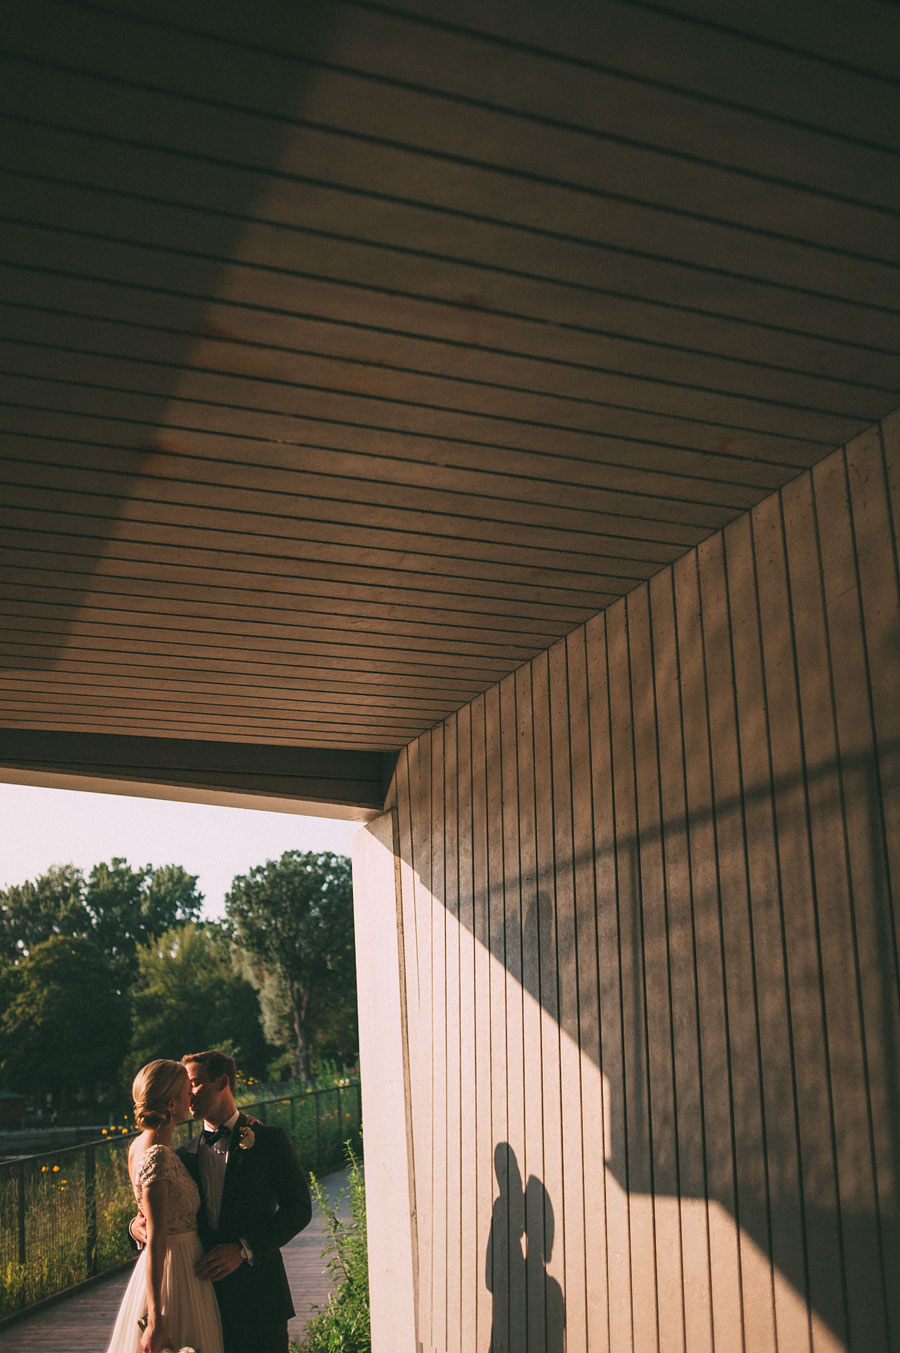 chicagowedding_cafebrauerwedding_bytheimageisfound_0126.jpg